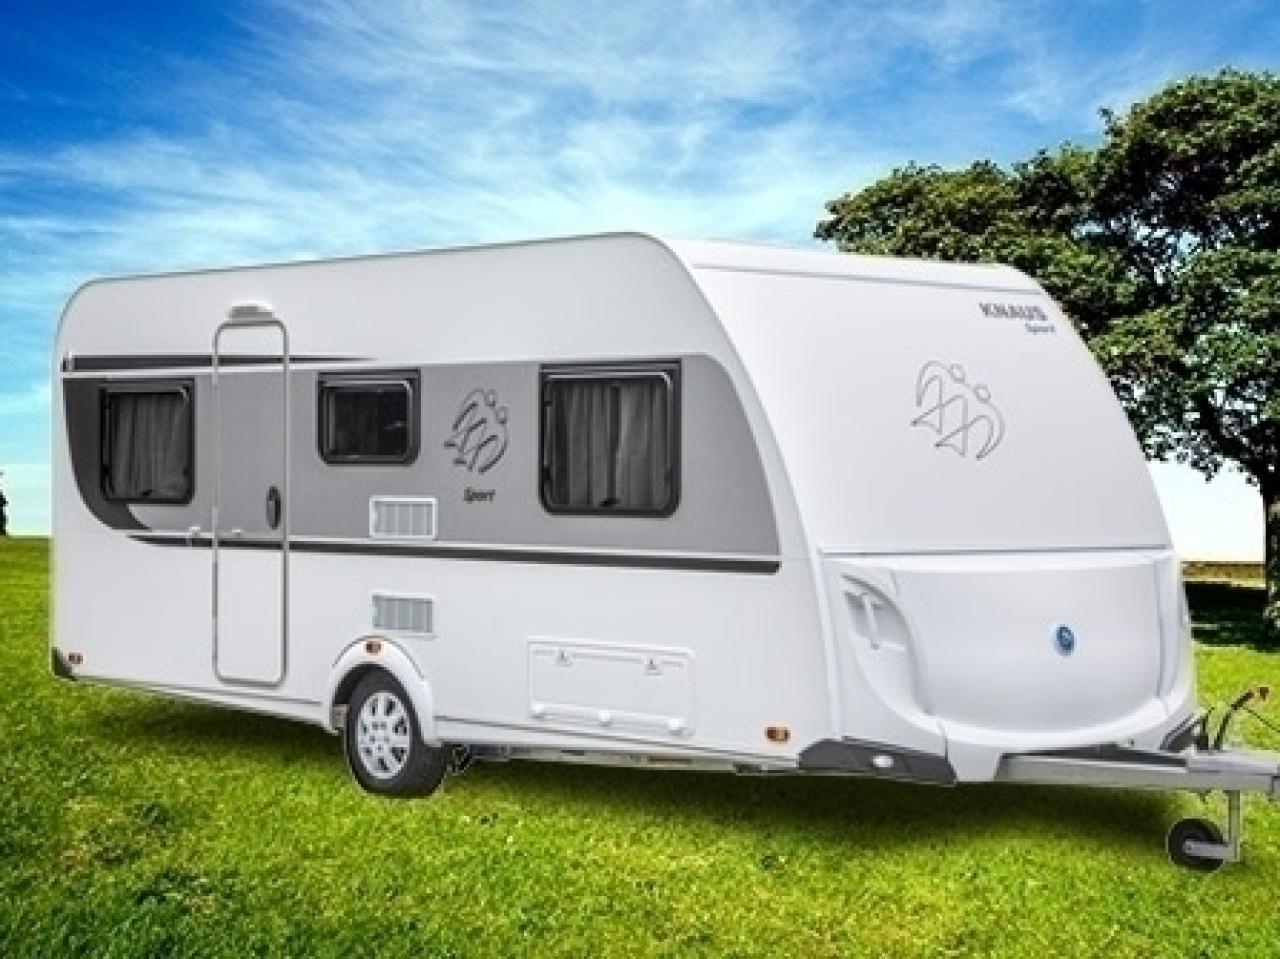 voordelige caravan huren of een voordelige camper huren. Black Bedroom Furniture Sets. Home Design Ideas